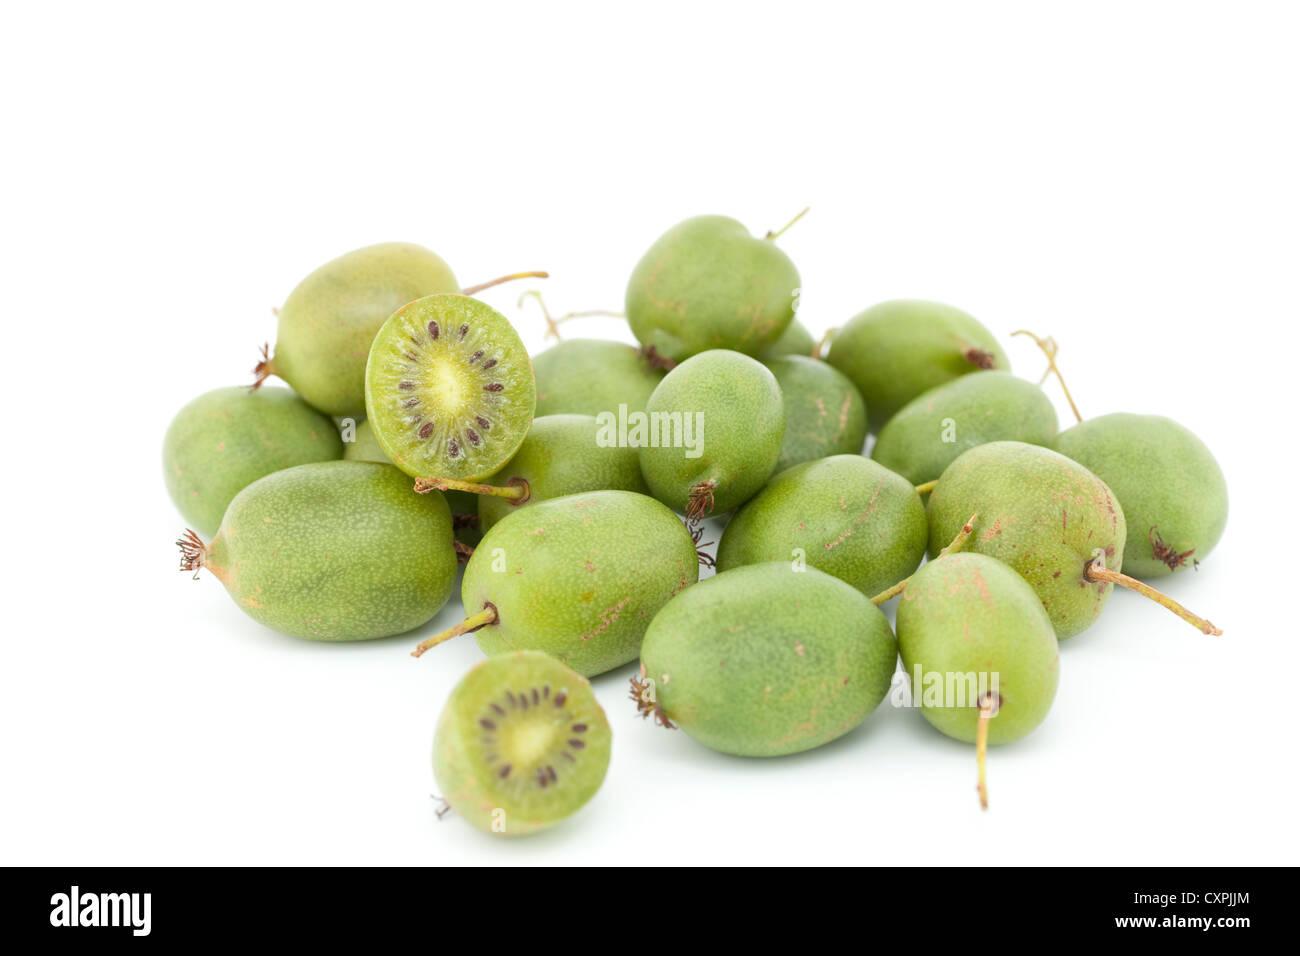 little green kiwi fruit on white background - Stock Image